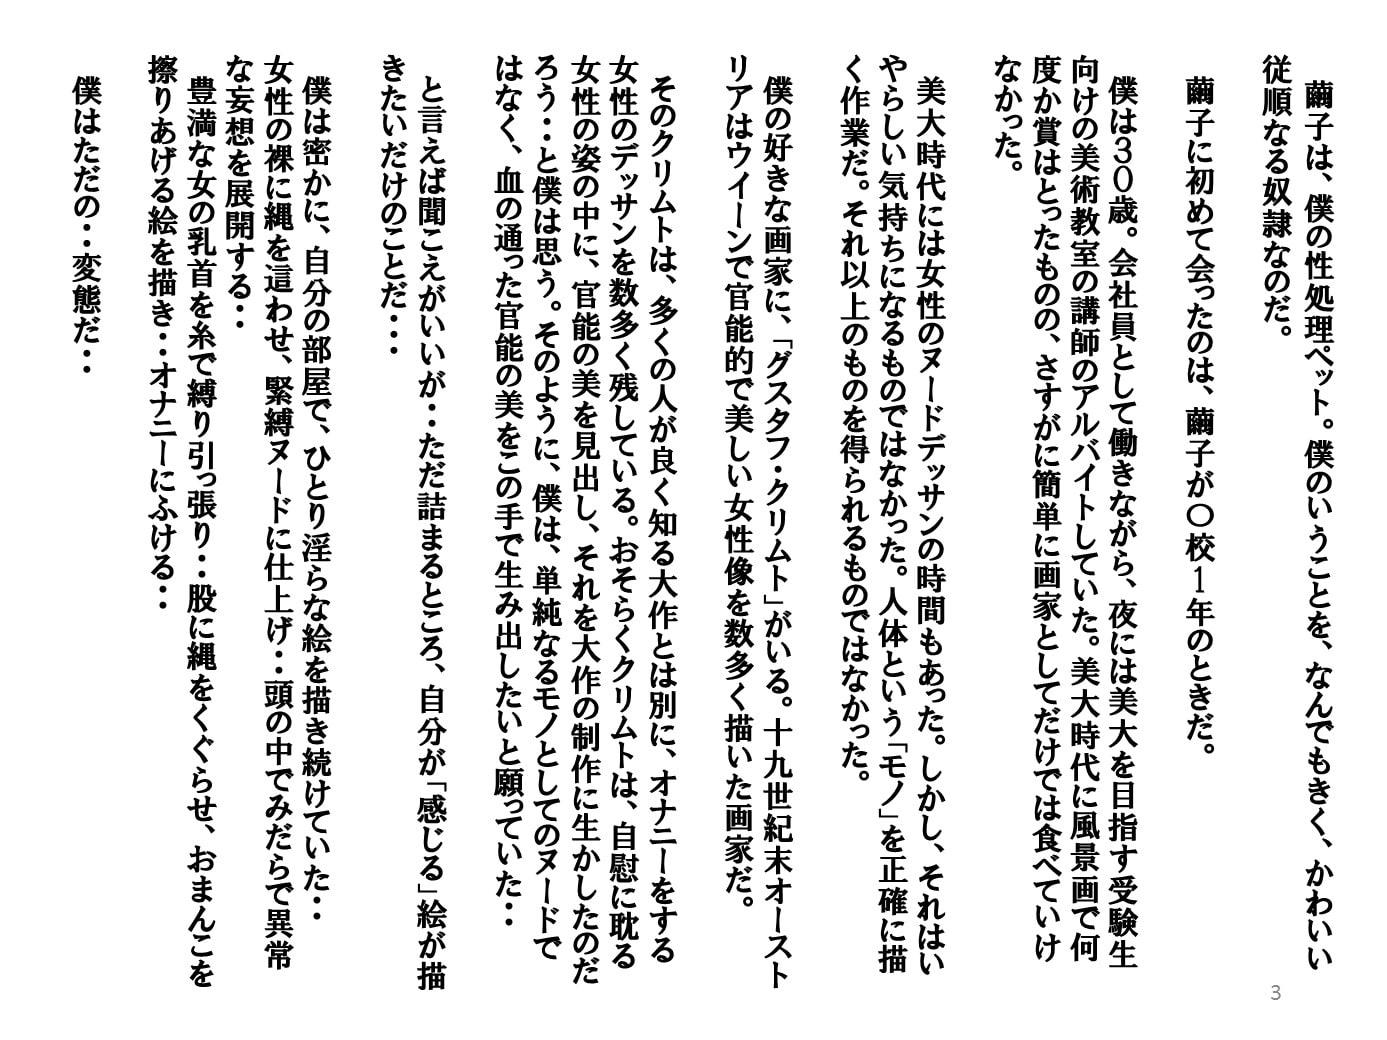 性処理ペット繭子の調教日記 第4話 「繭子の告白 ○学生のときのエッチな思い出」